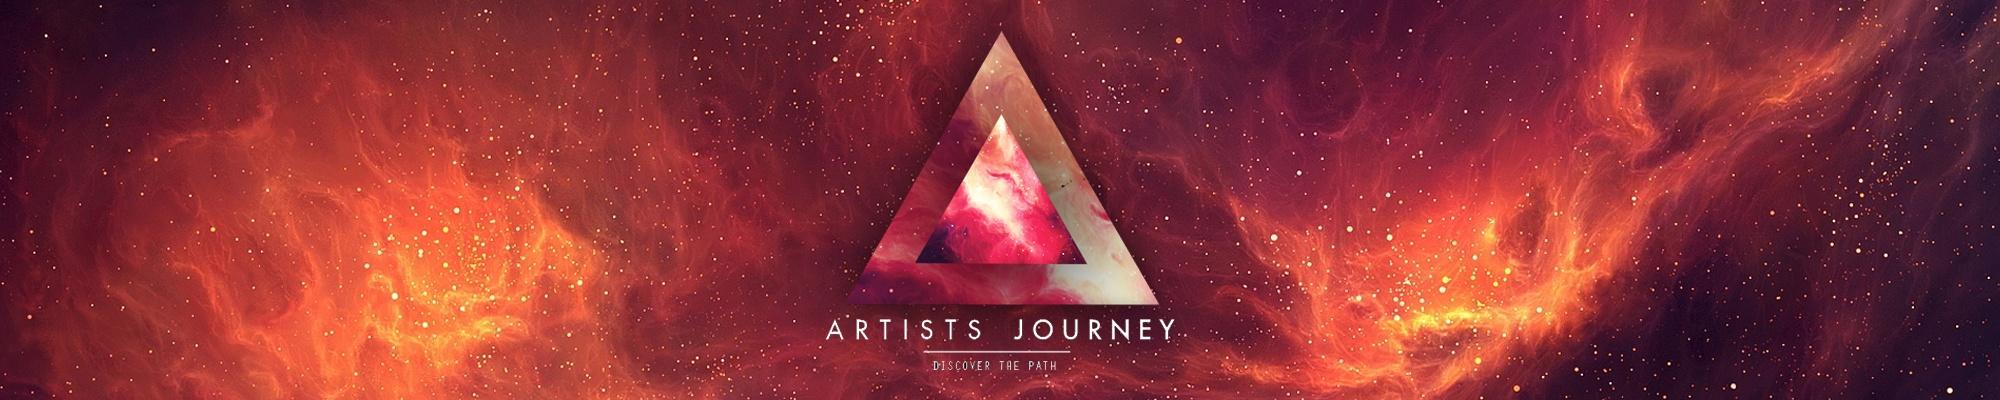 artistsjourney Cover